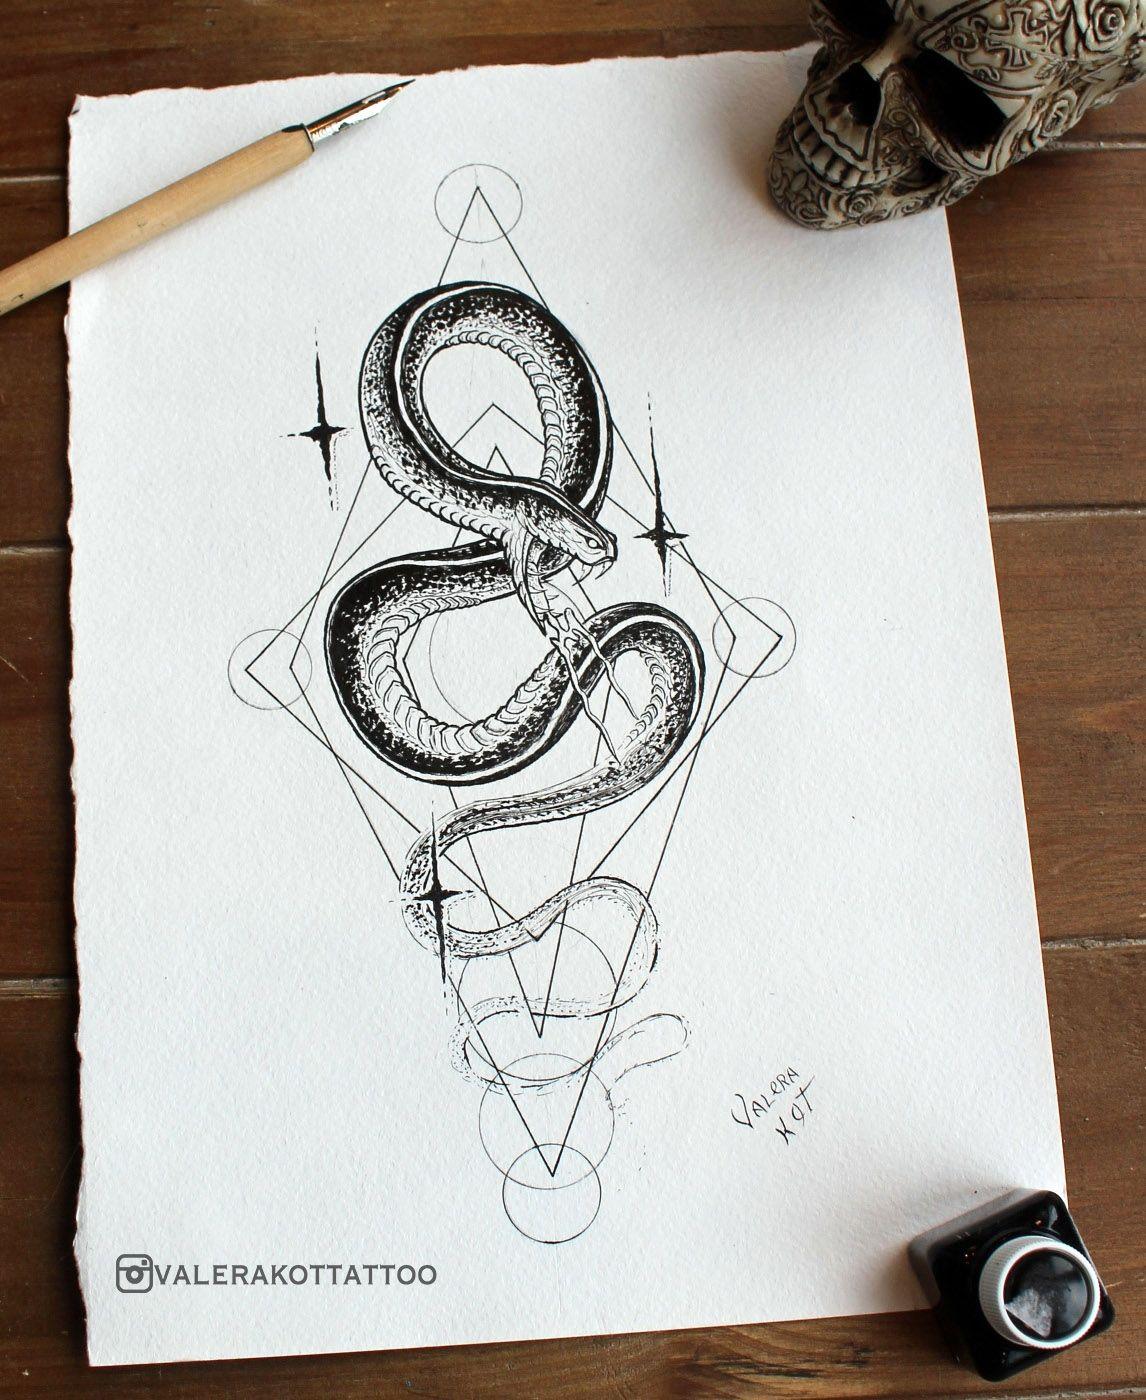 Valera Kot Drawing Ink Snake Geometric Art Tattoo Tattoo